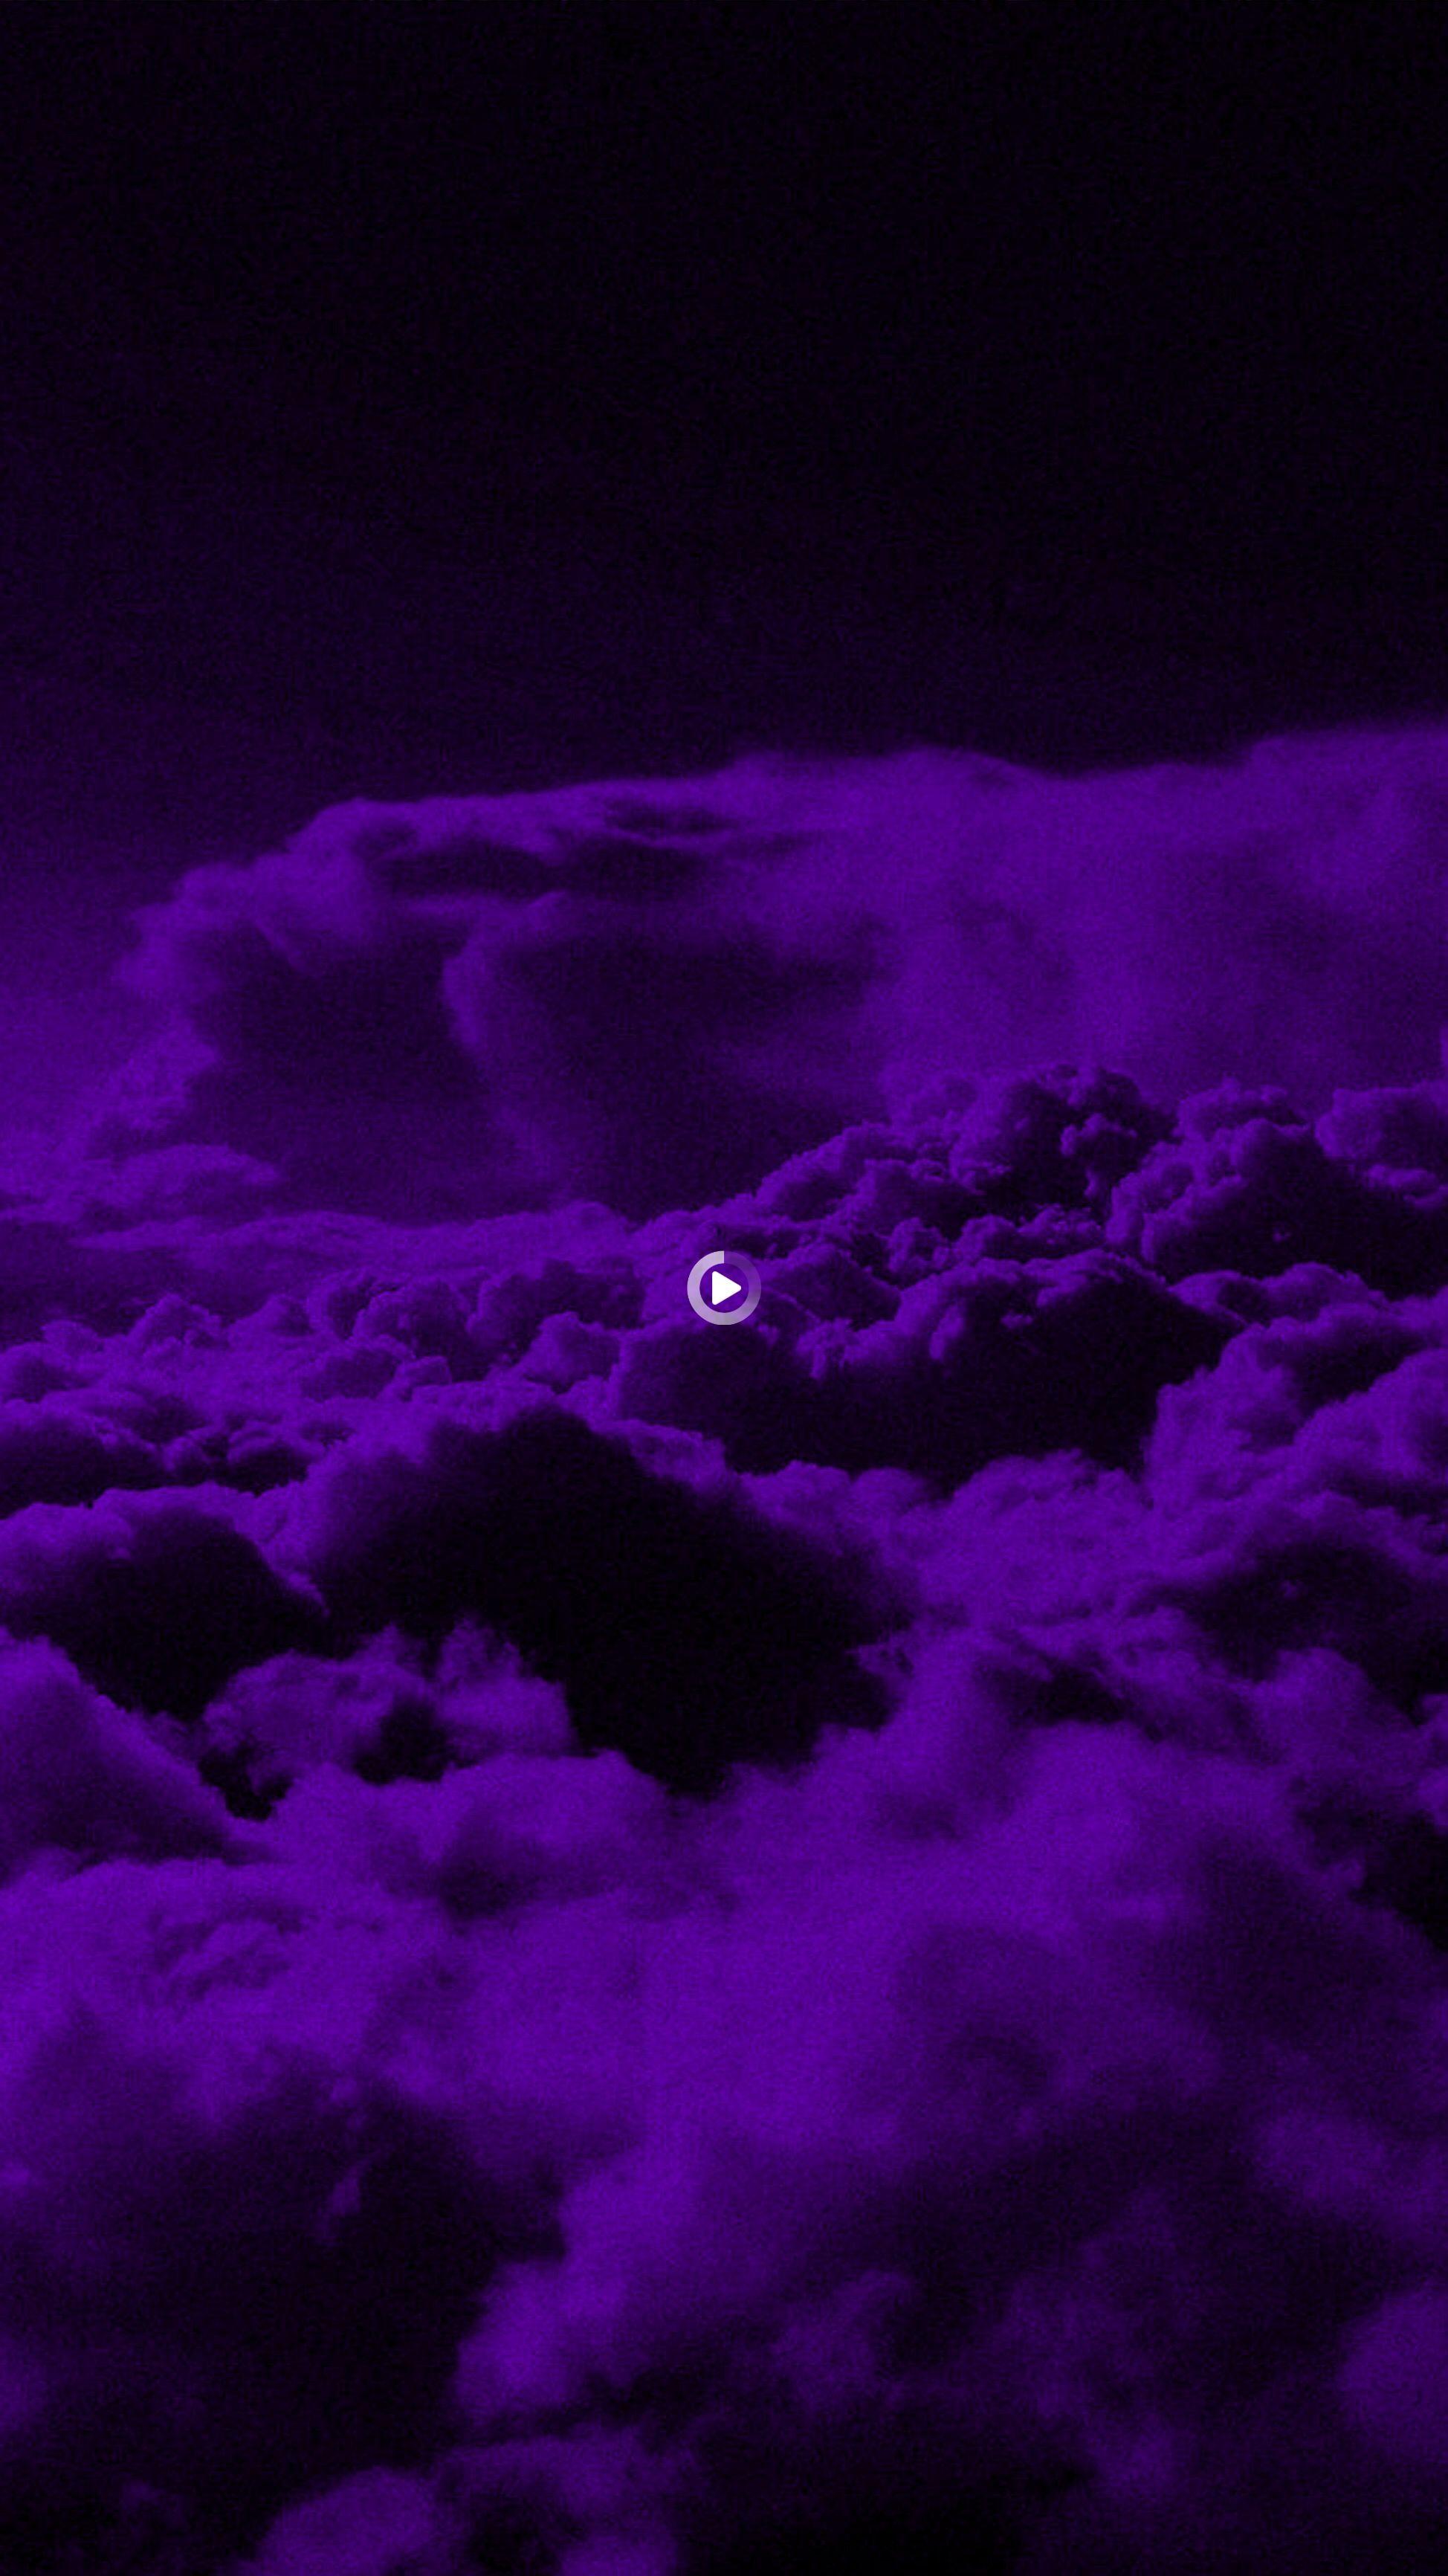 Purple Sky Purple Aesthetic Purple Aesthetic Background Dark Purple Aesthetic Dark iphone purple aesthetic wallpaper